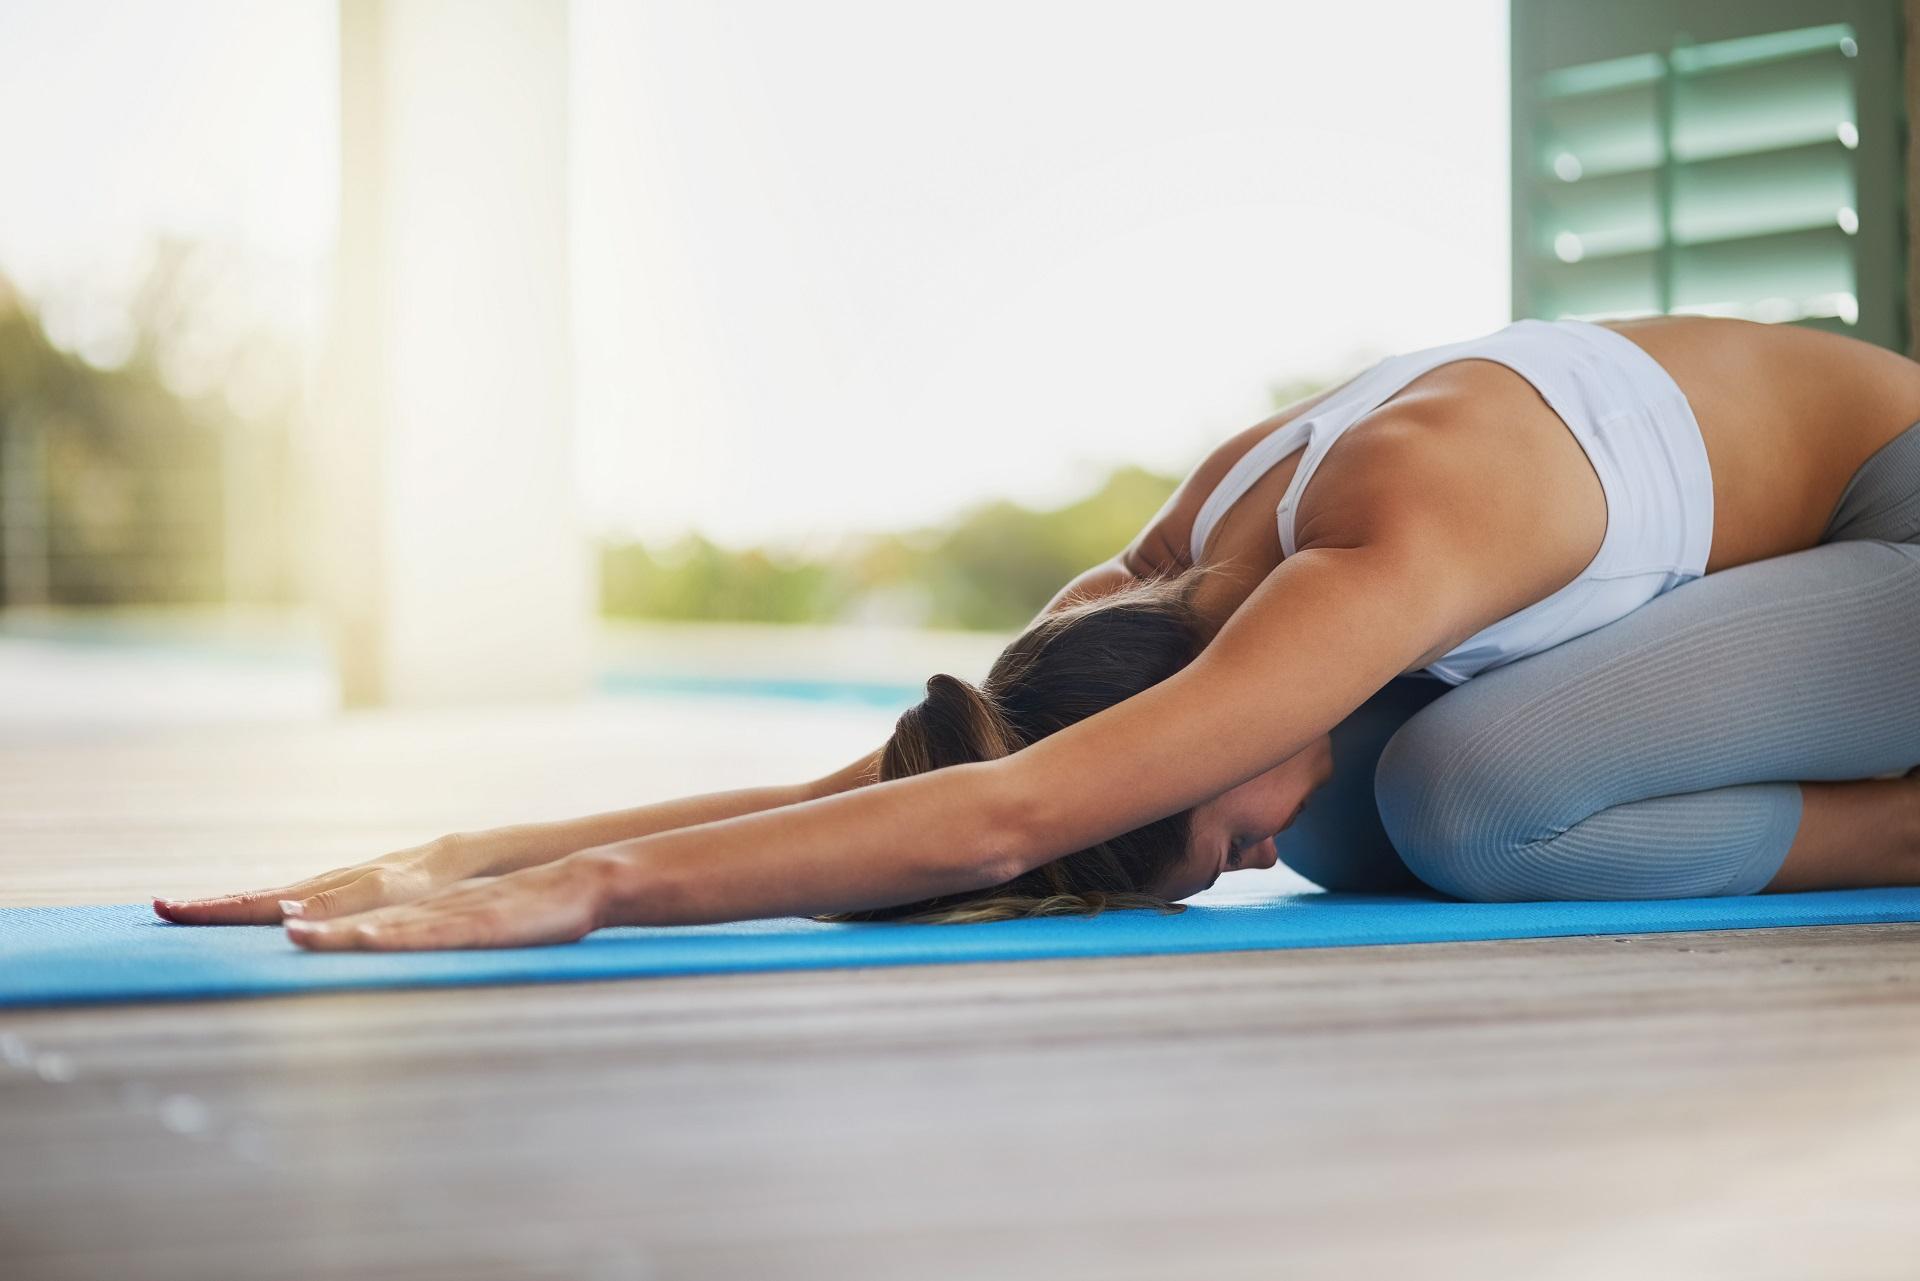 Frau macht Yoga am Flughafen.